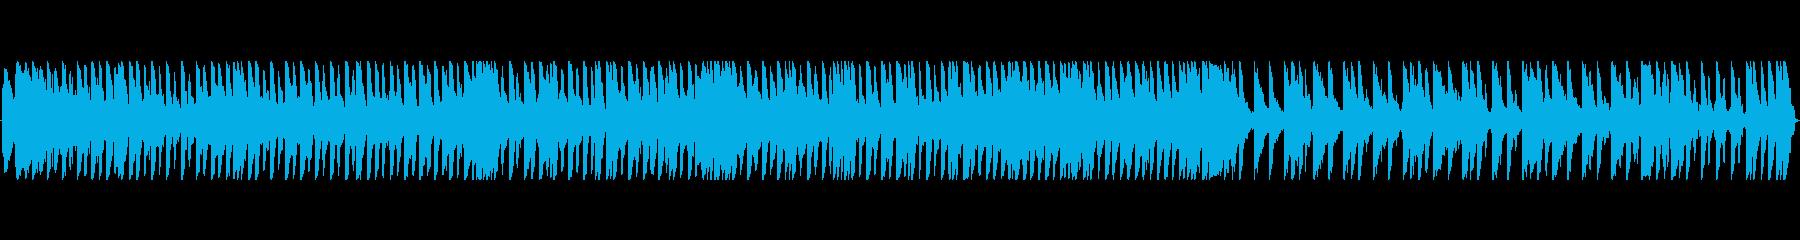 DIAL ME UP FULL MIXの再生済みの波形